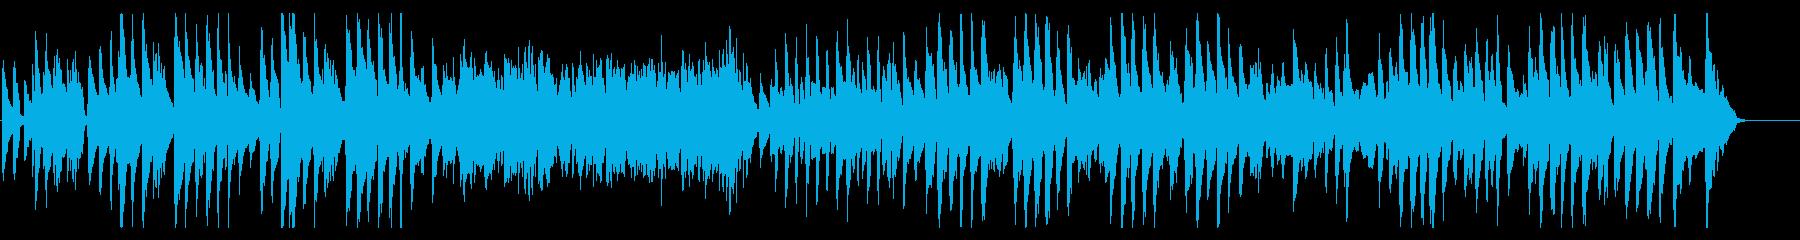 シューマン/歌曲/へたっぴバイオリンの再生済みの波形